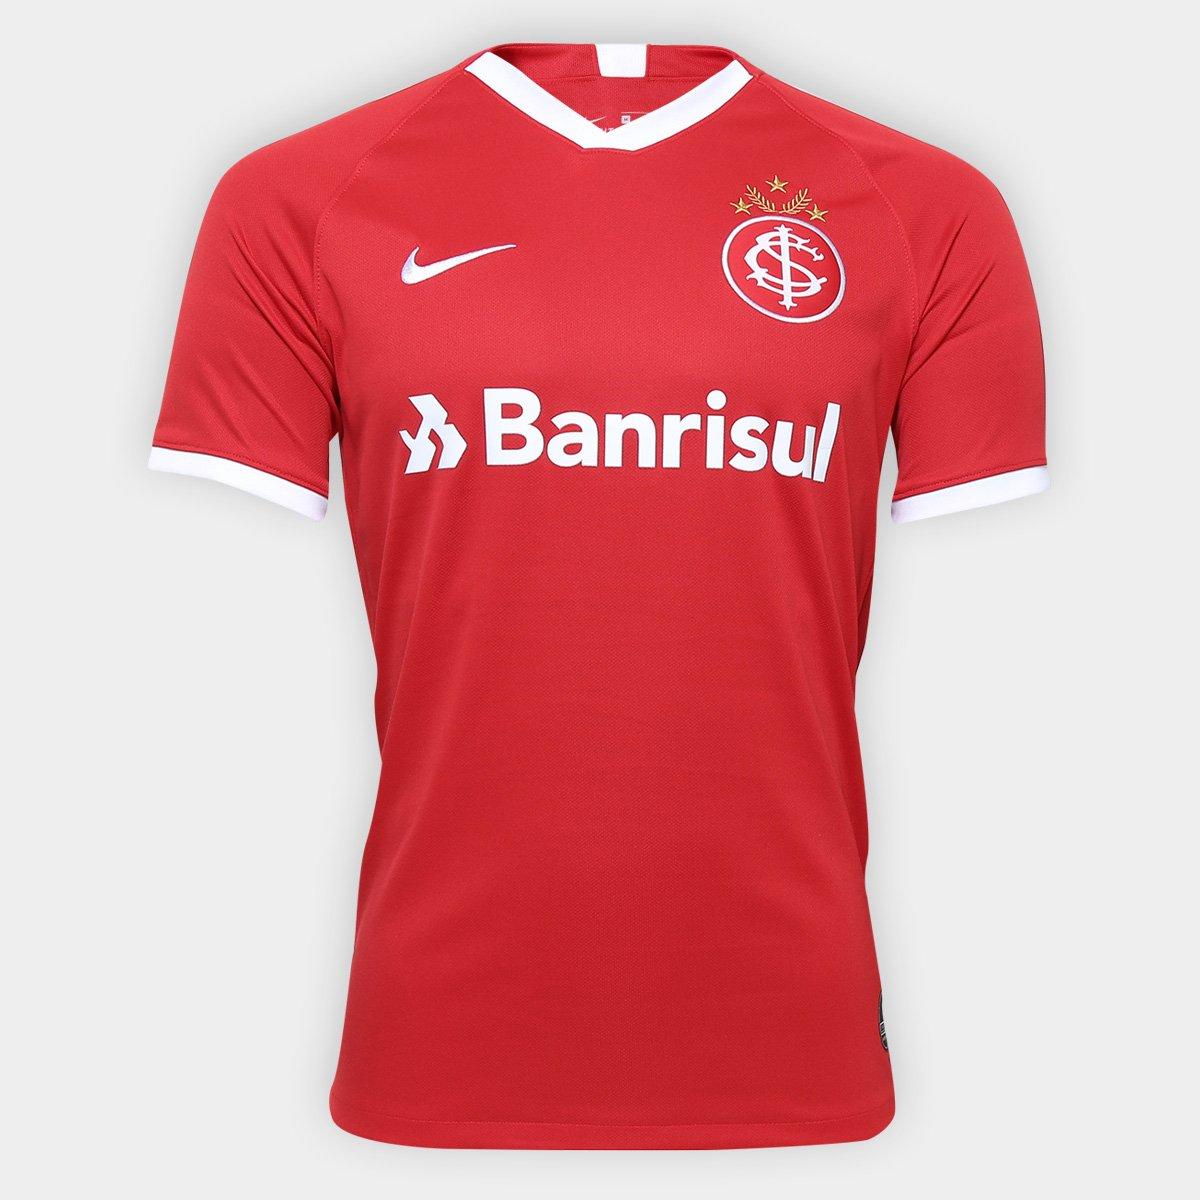 3409508967 Camisa Internacional I 19 20 s nº Torcedor Nike Masculina - Vermelho e  Branco - Compre Agora